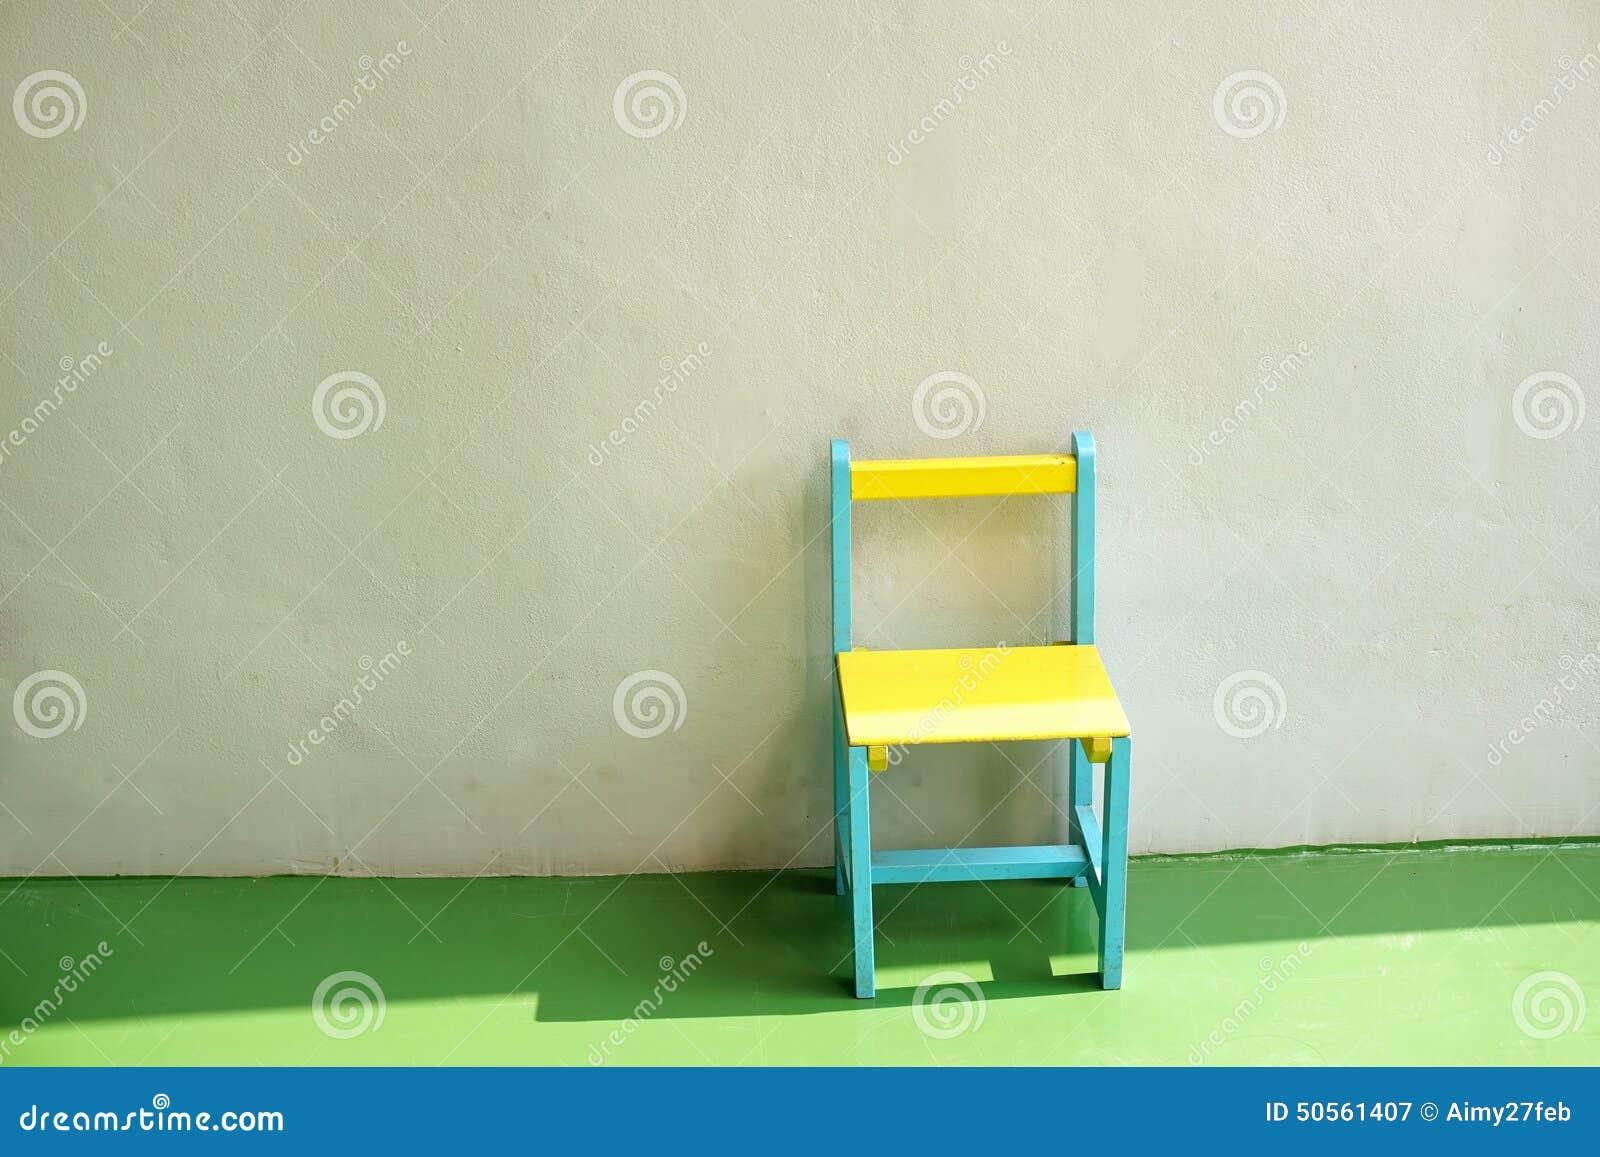 Stoel Voor Kind : Groene en gele kleine stoel voor kind stock afbeelding